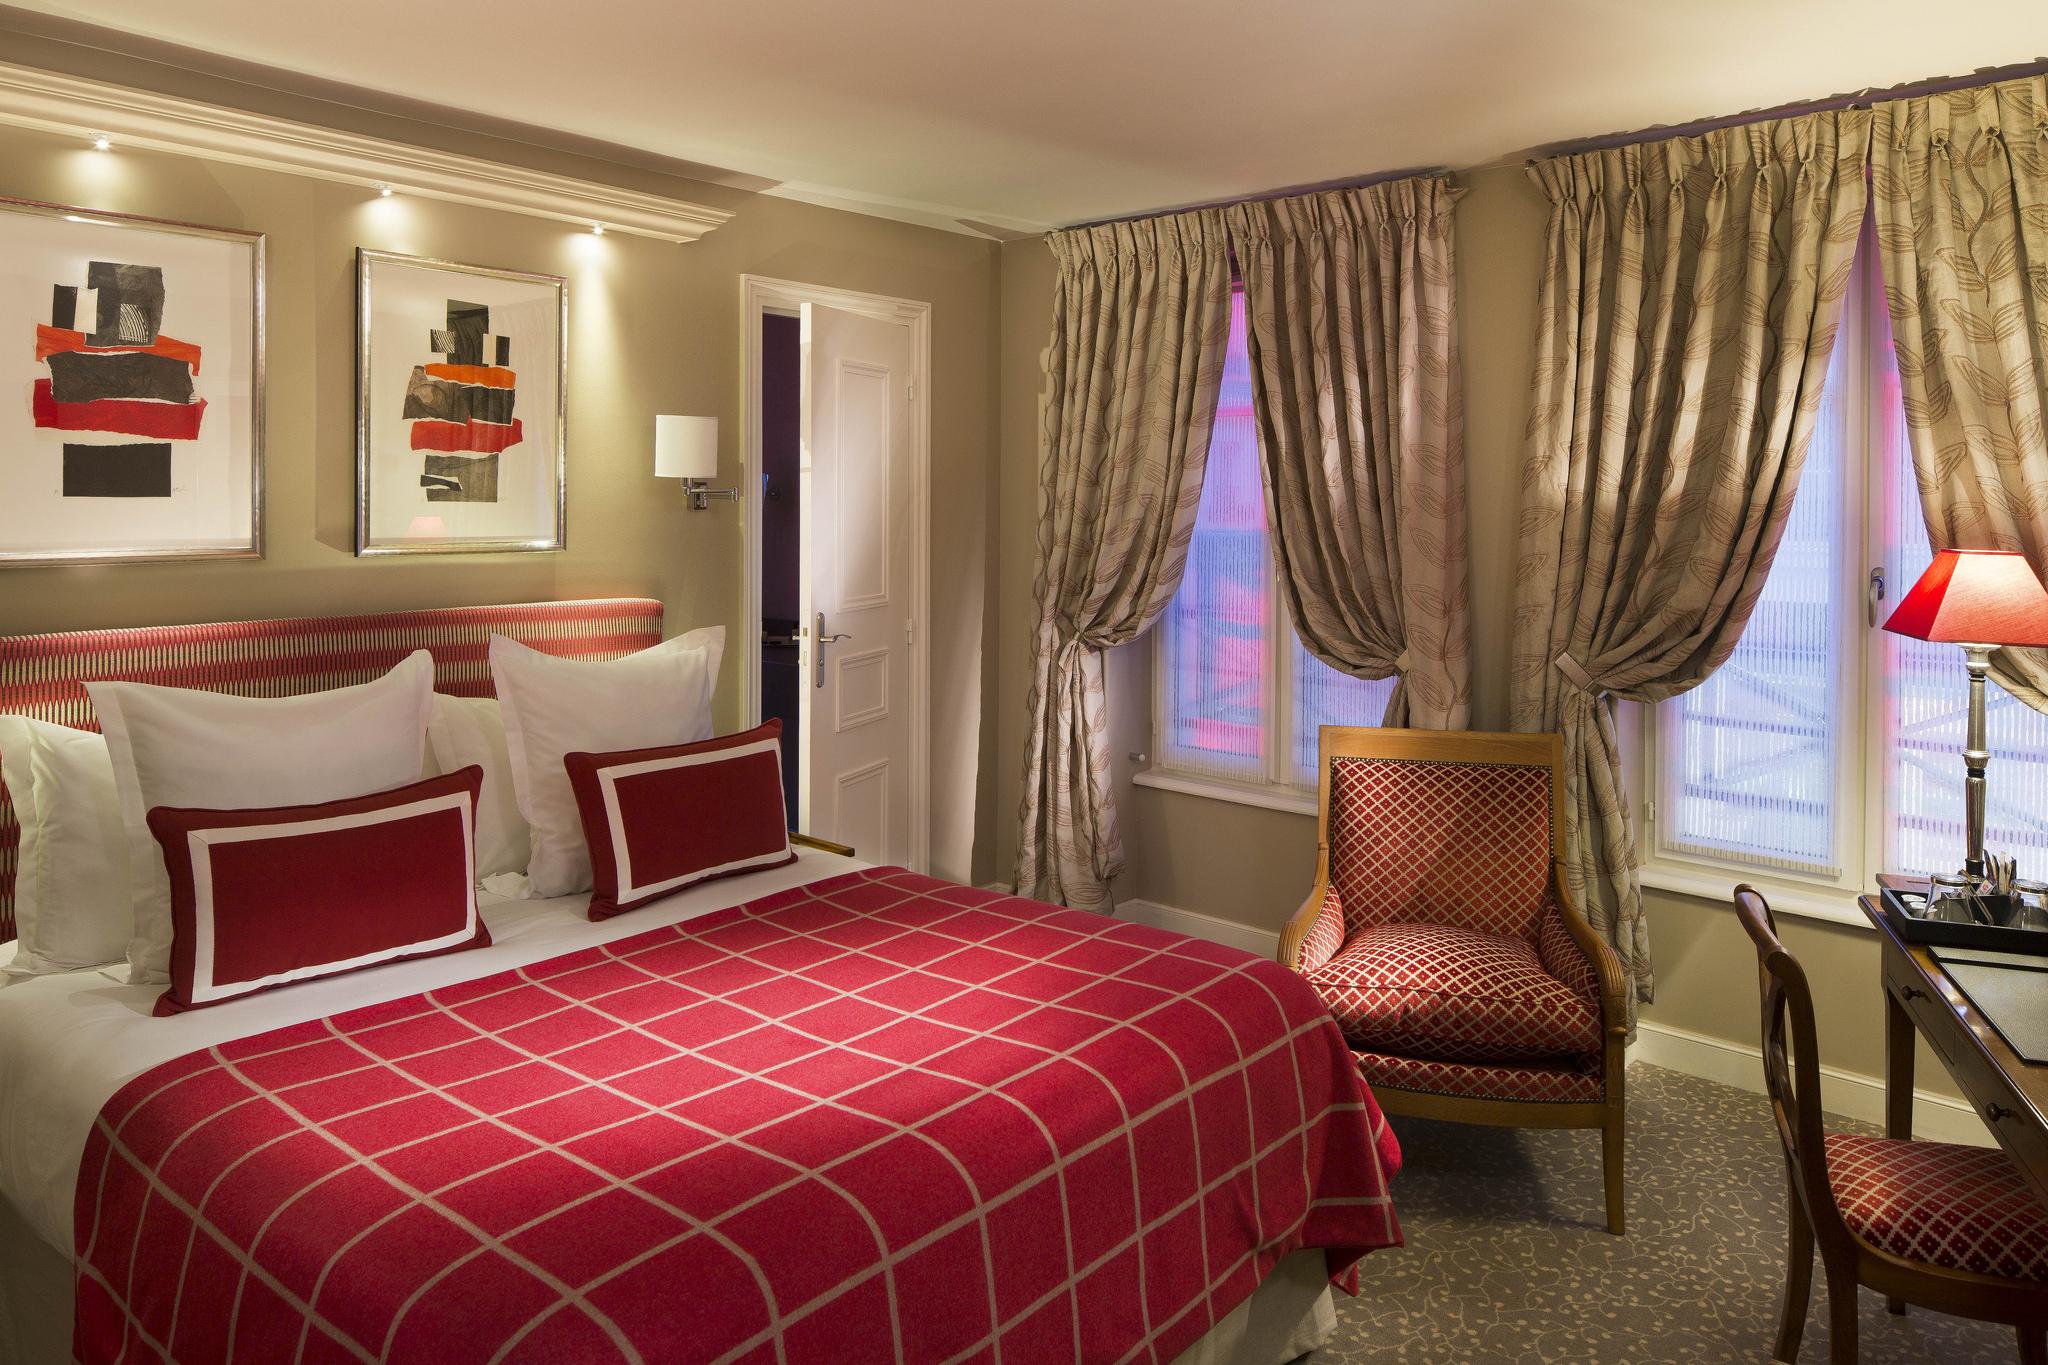 Chambre double confort tendance avec lit queen size